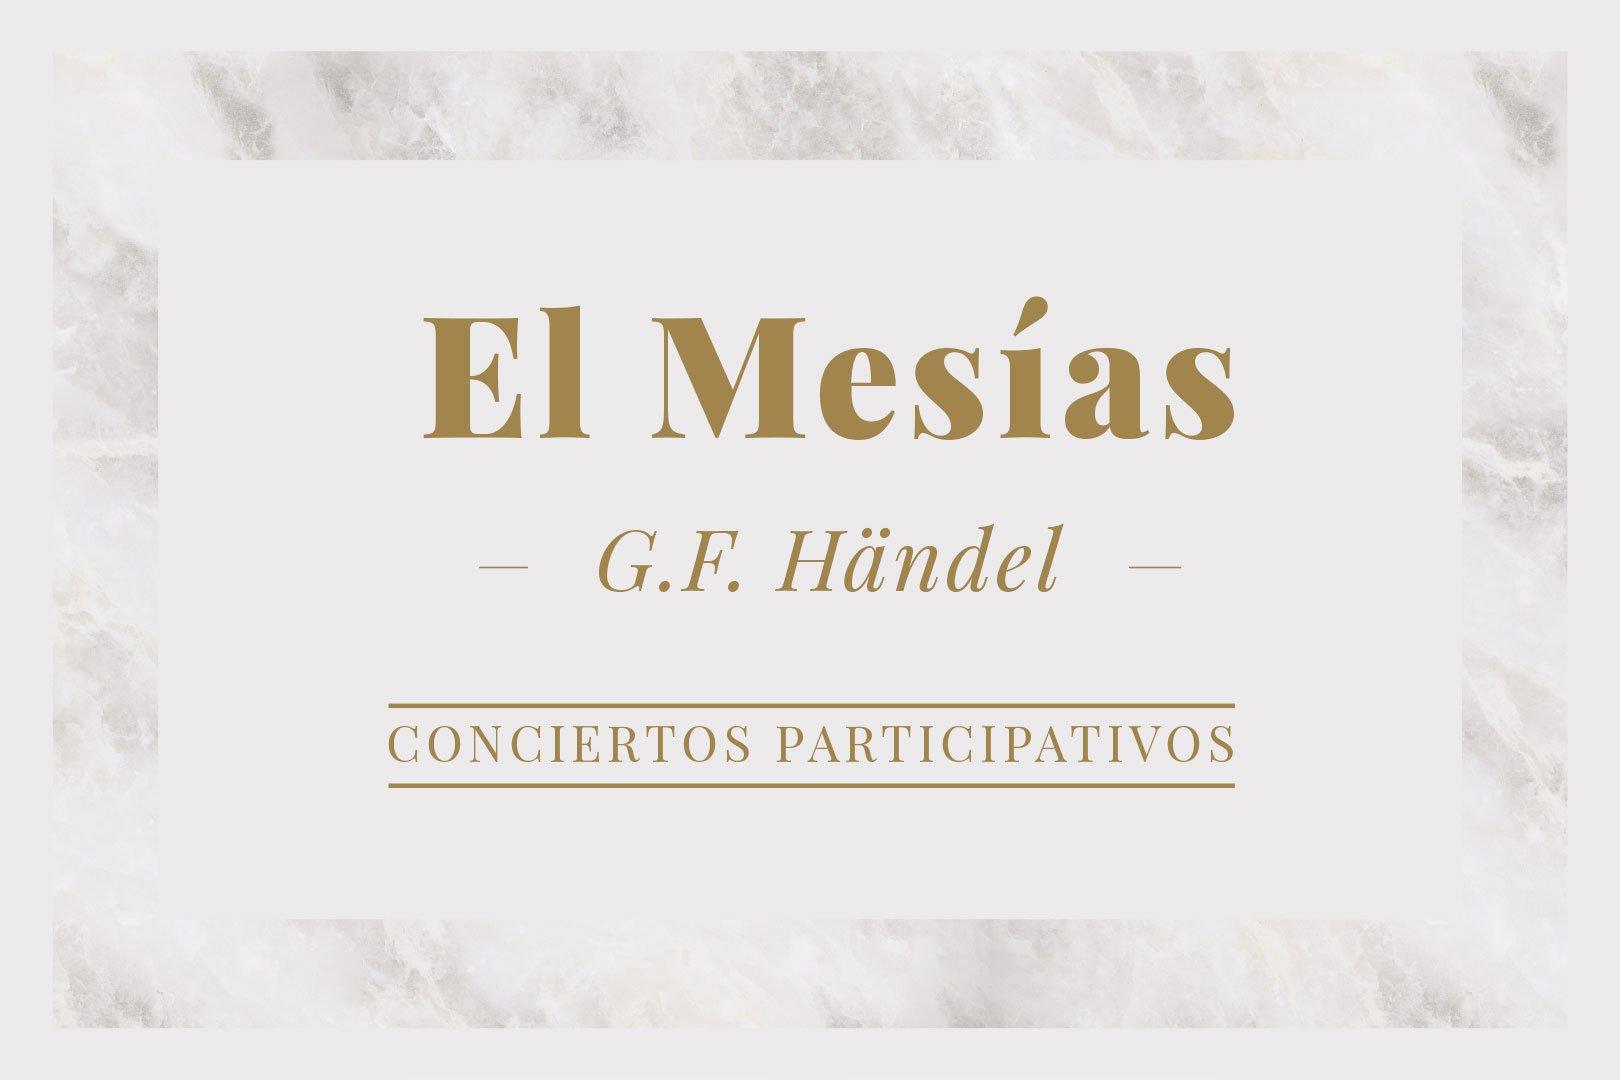 El Mesías. Concierto Participativo organizado por la Caixa. Badajoz 2019